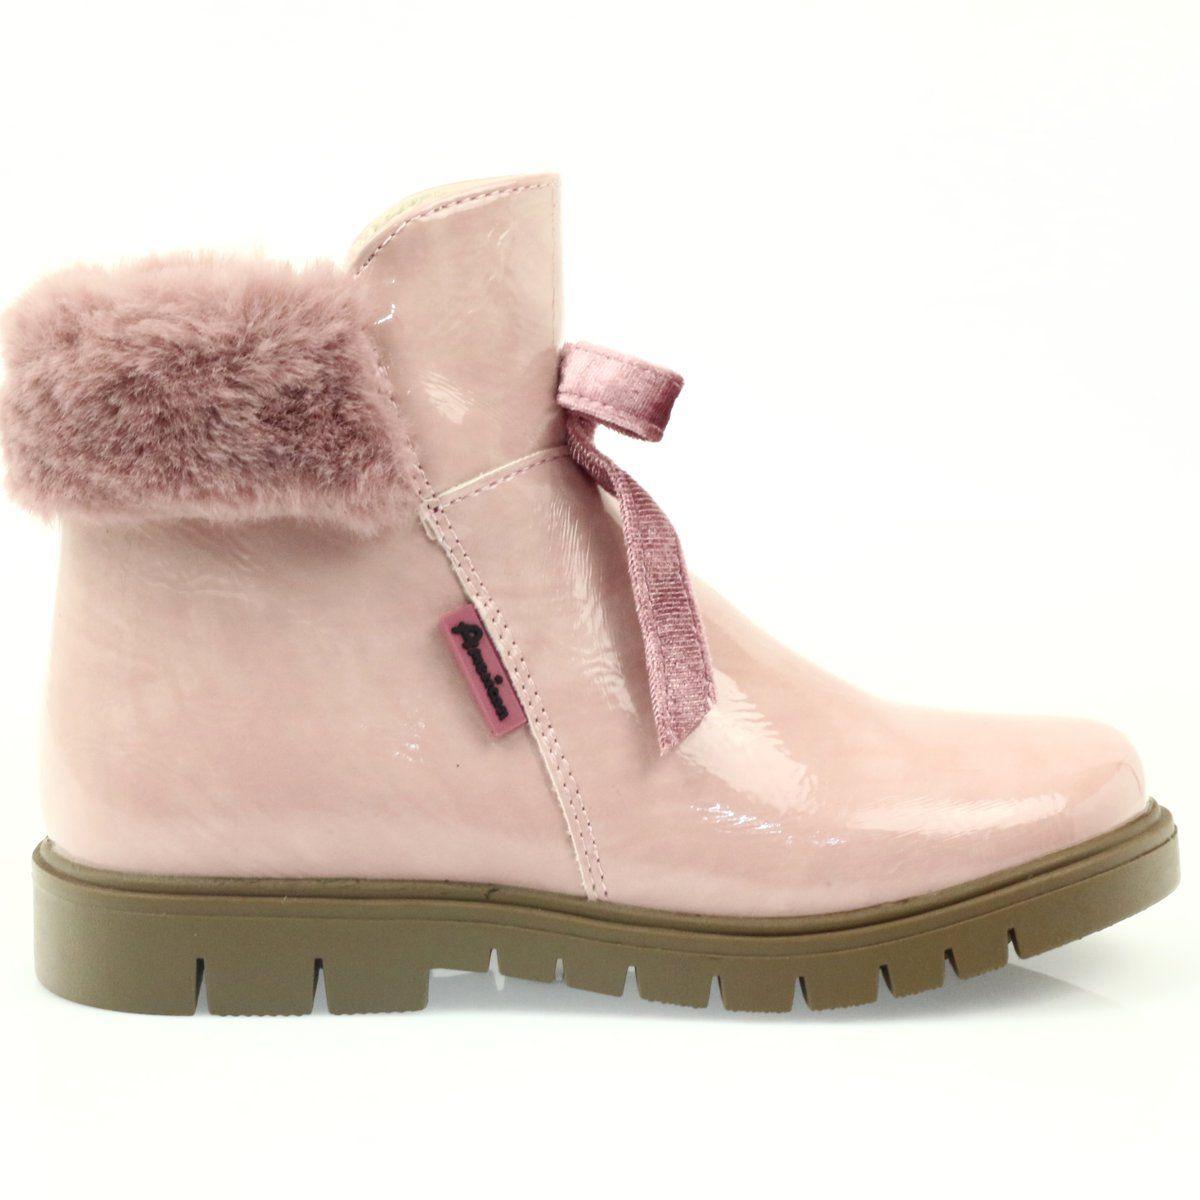 Kozaki Dla Dzieci Americanclub American Club Rozowe Kozaczki Z Futerkiem 18015 Chukka Boots Boots Shoes